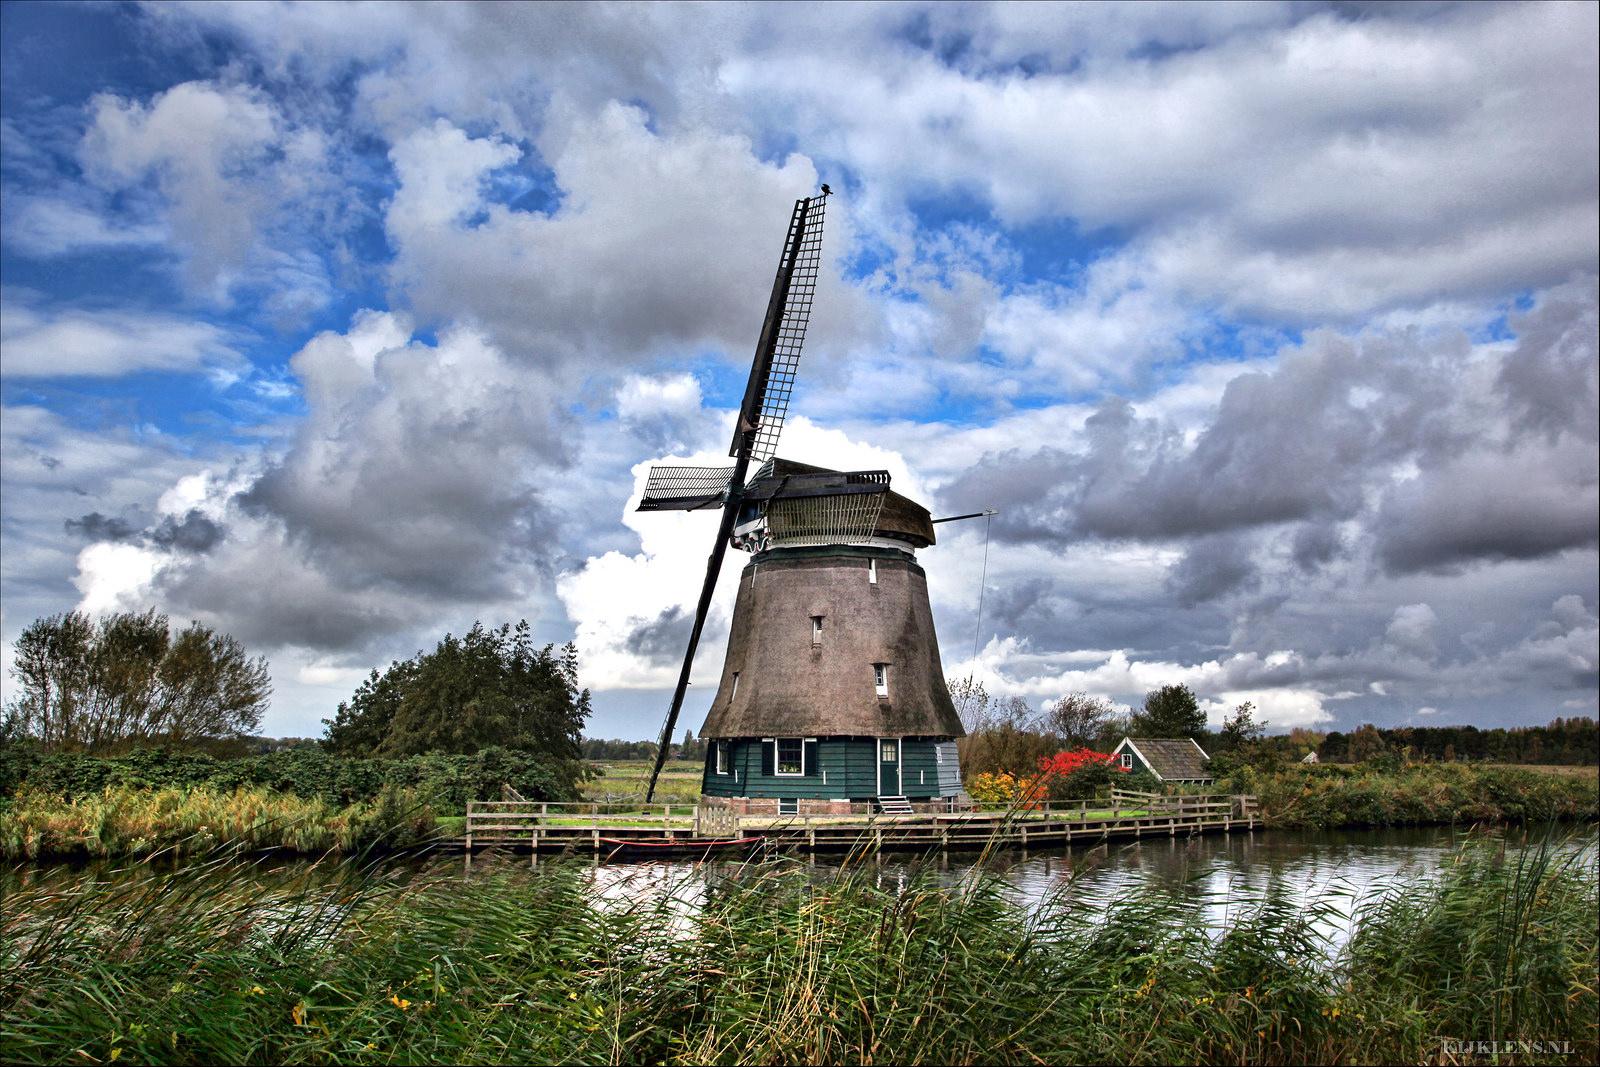 De jarige Oosterdelmolen. (Foto: Emil de Jong/kijklens.nl)